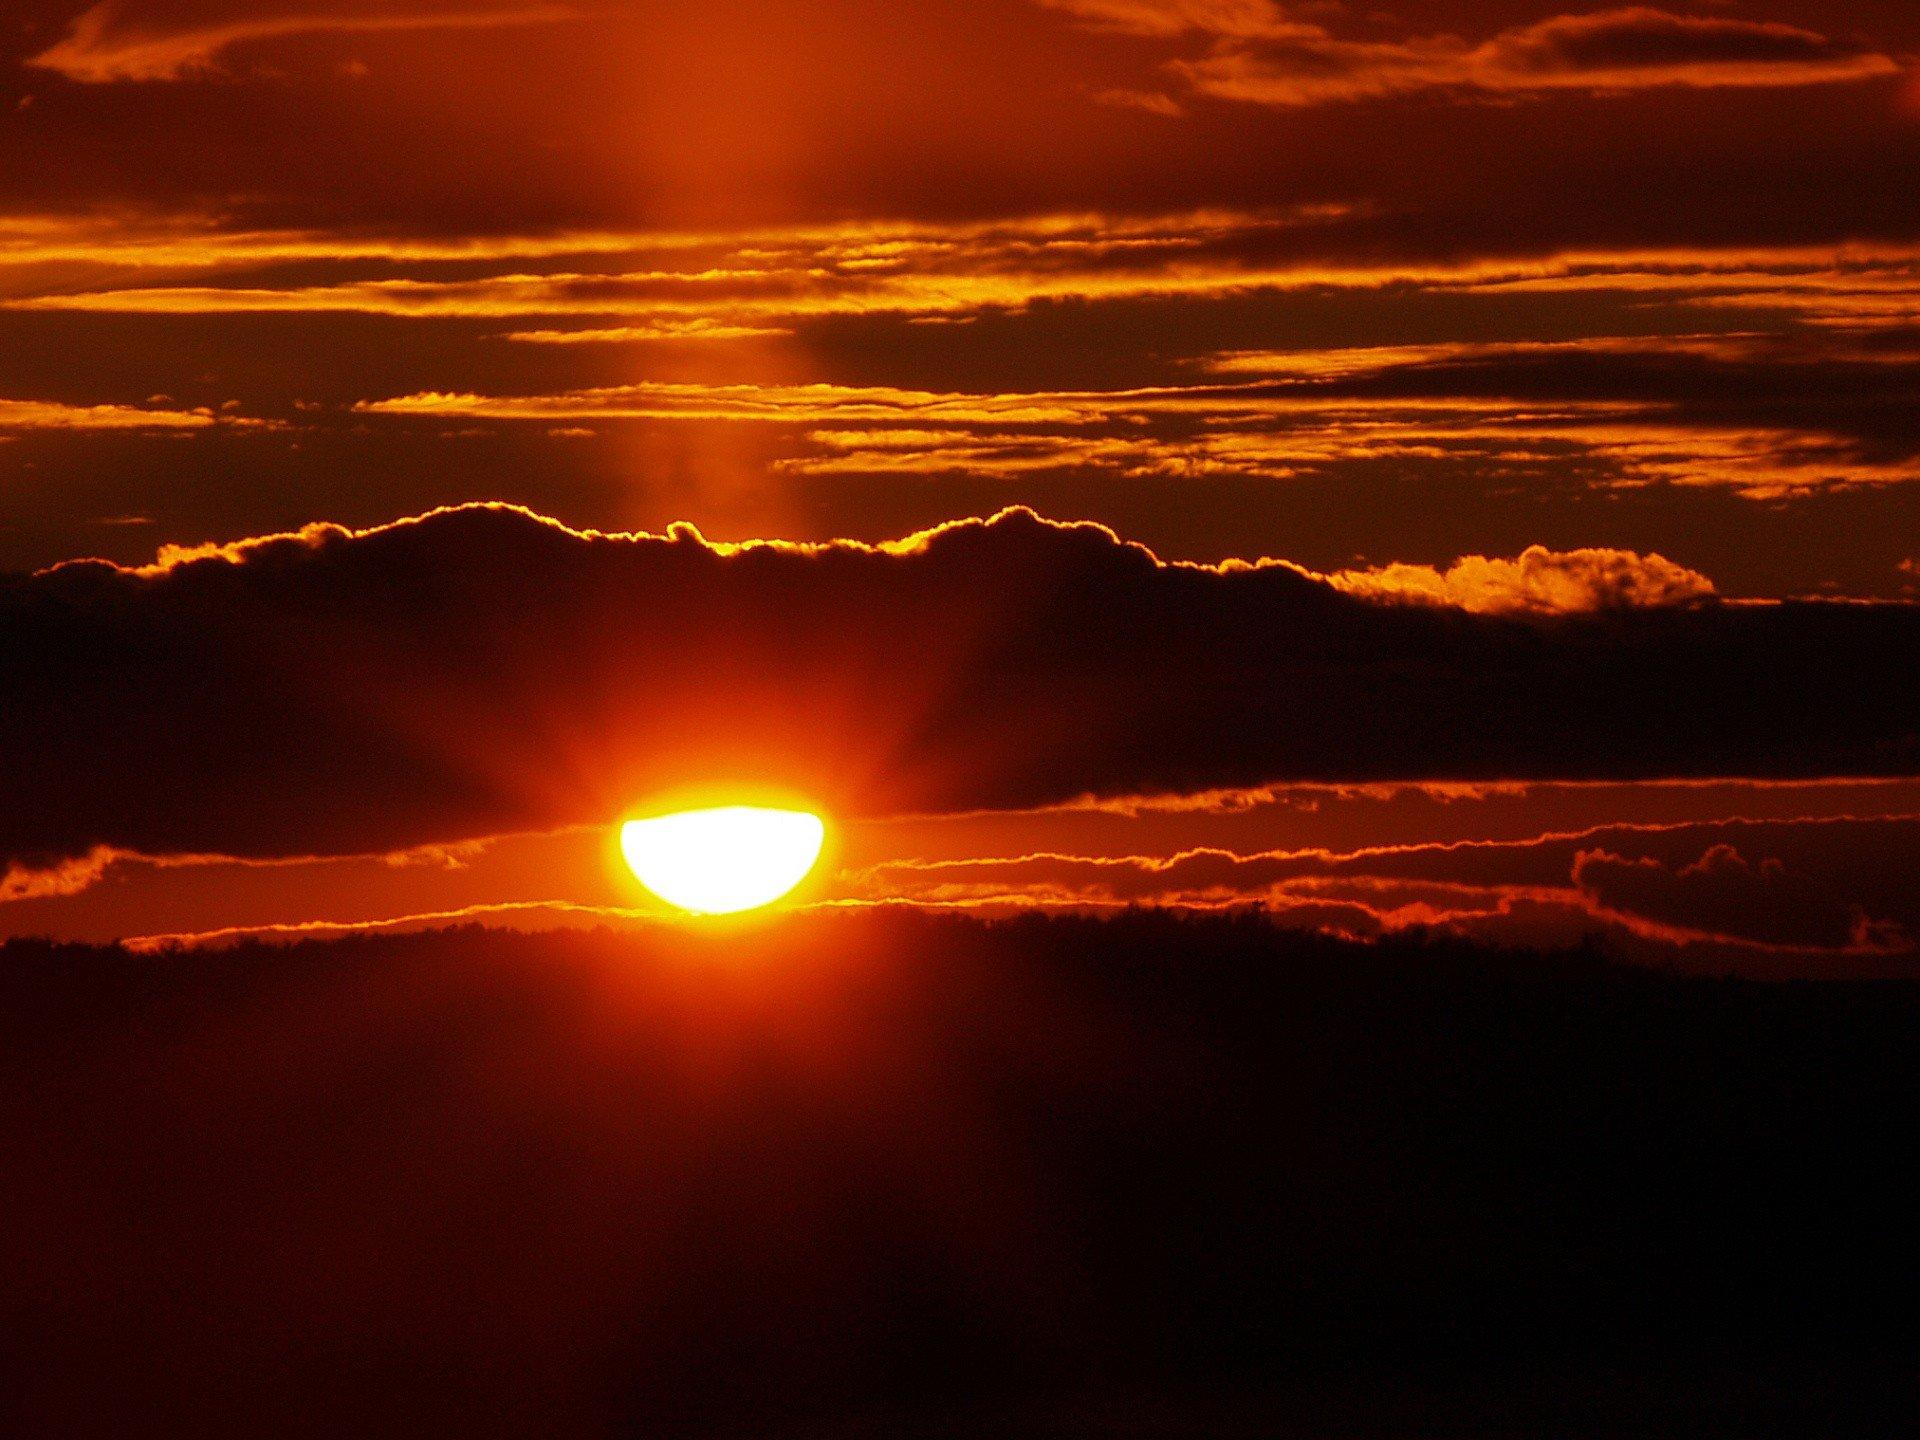 картинки красивого заката солнца мире